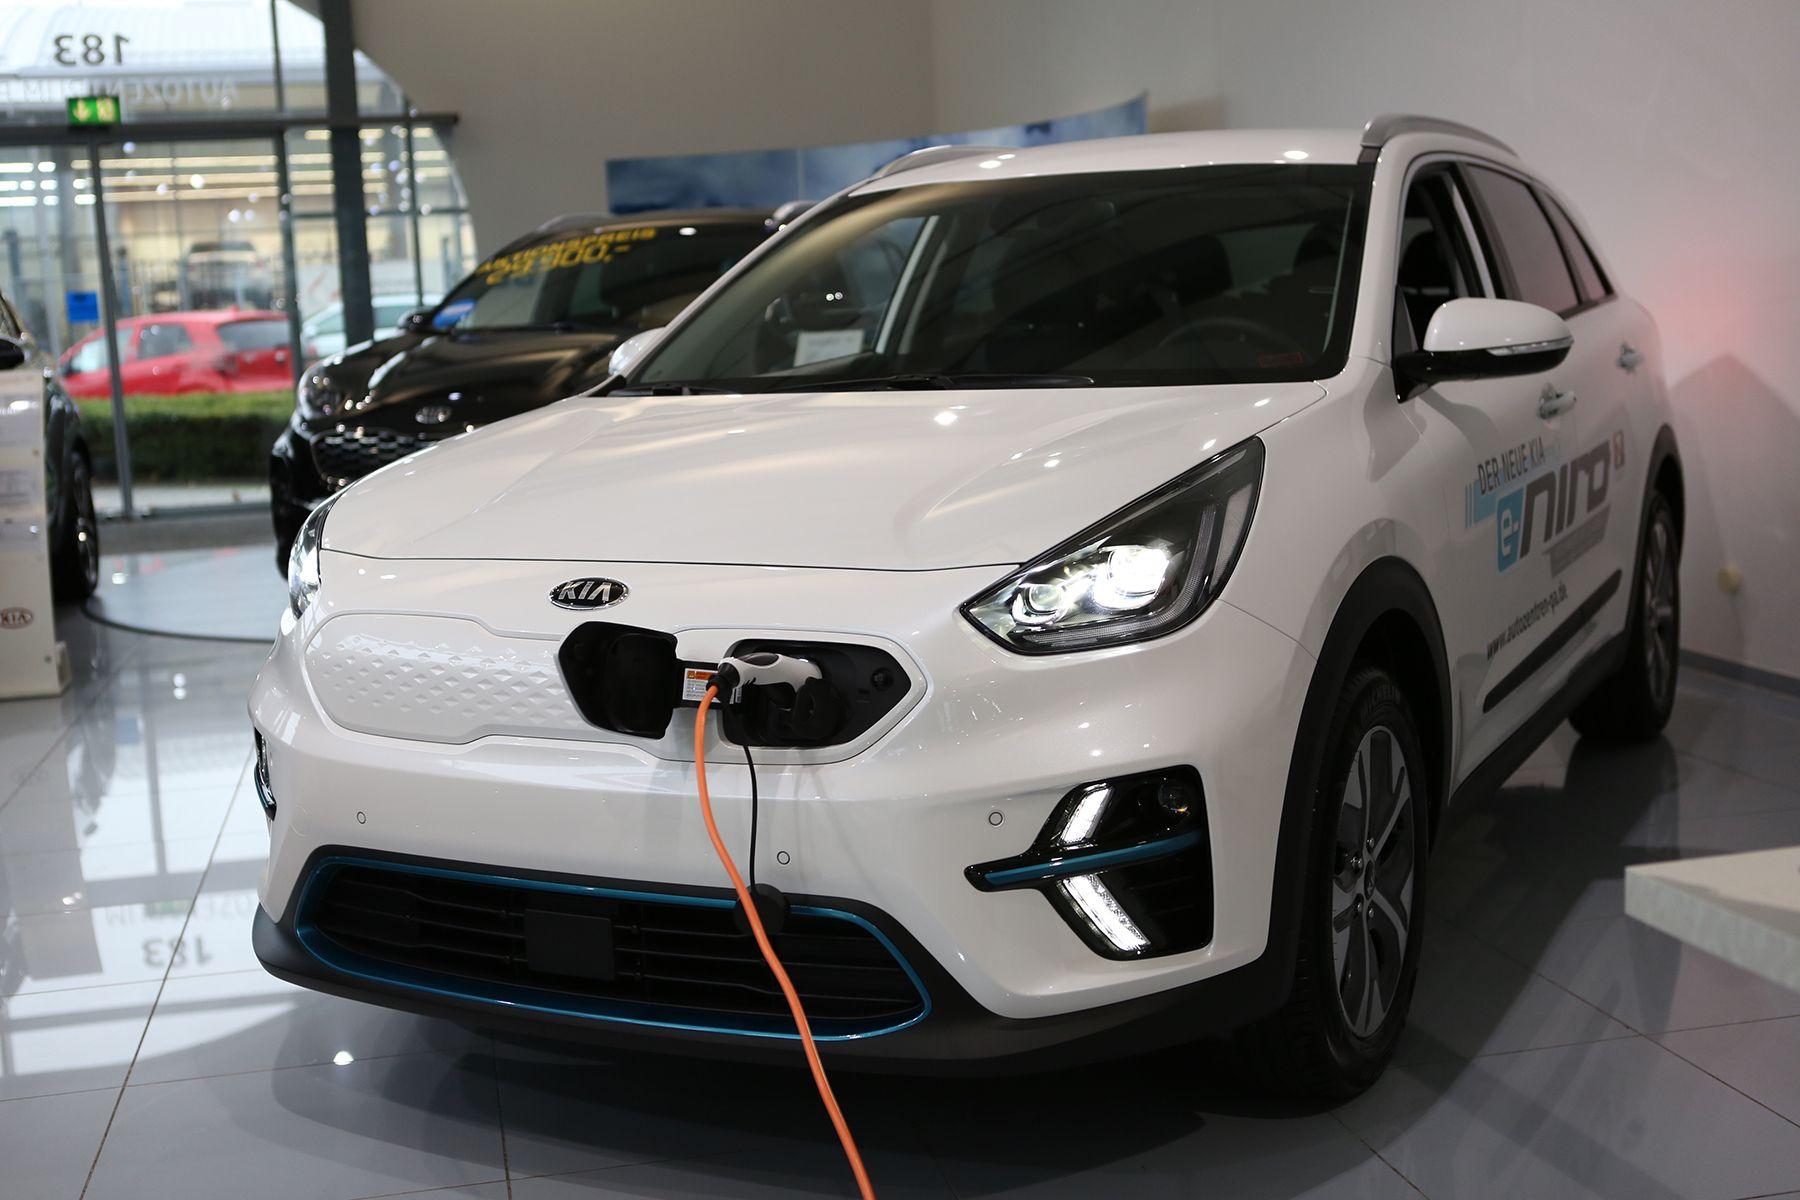 Kia E Niro Reines Elektroauto 2019 Elektroauto Autos Co2 Emission